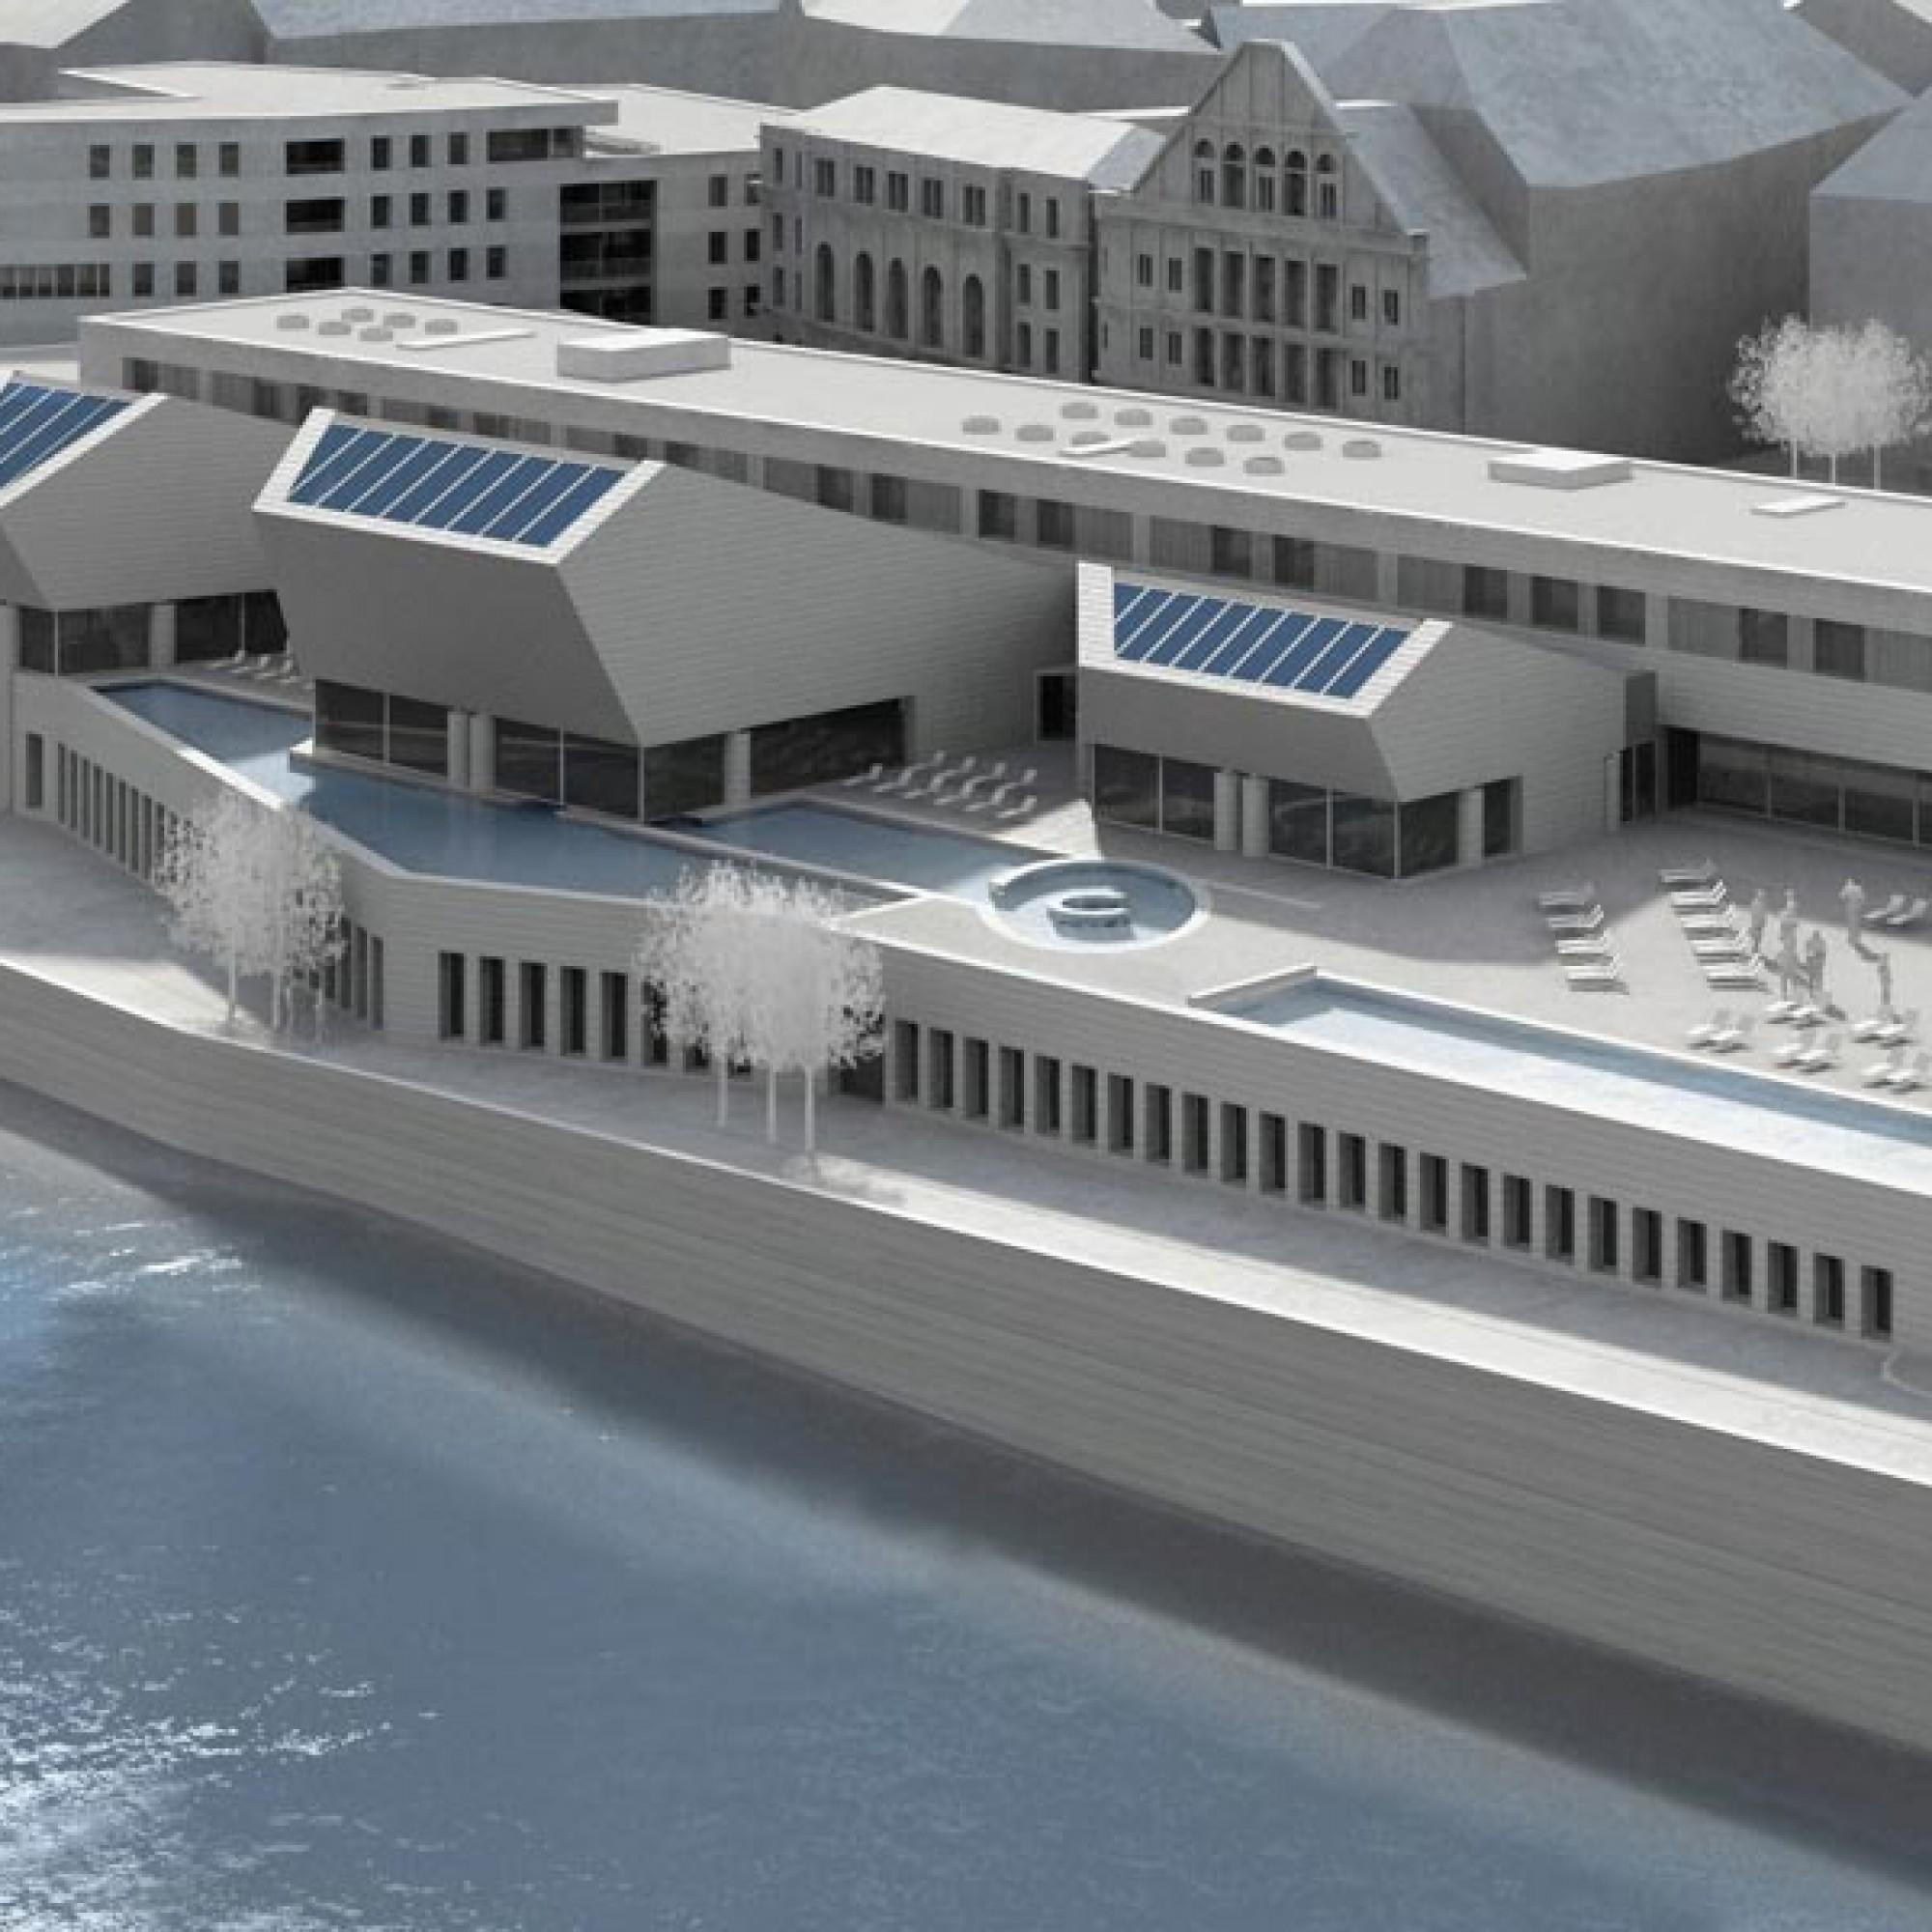 Neben dem Bau des neuen Thermalbades ist ein Wohn- und Ärztehauses geplant.